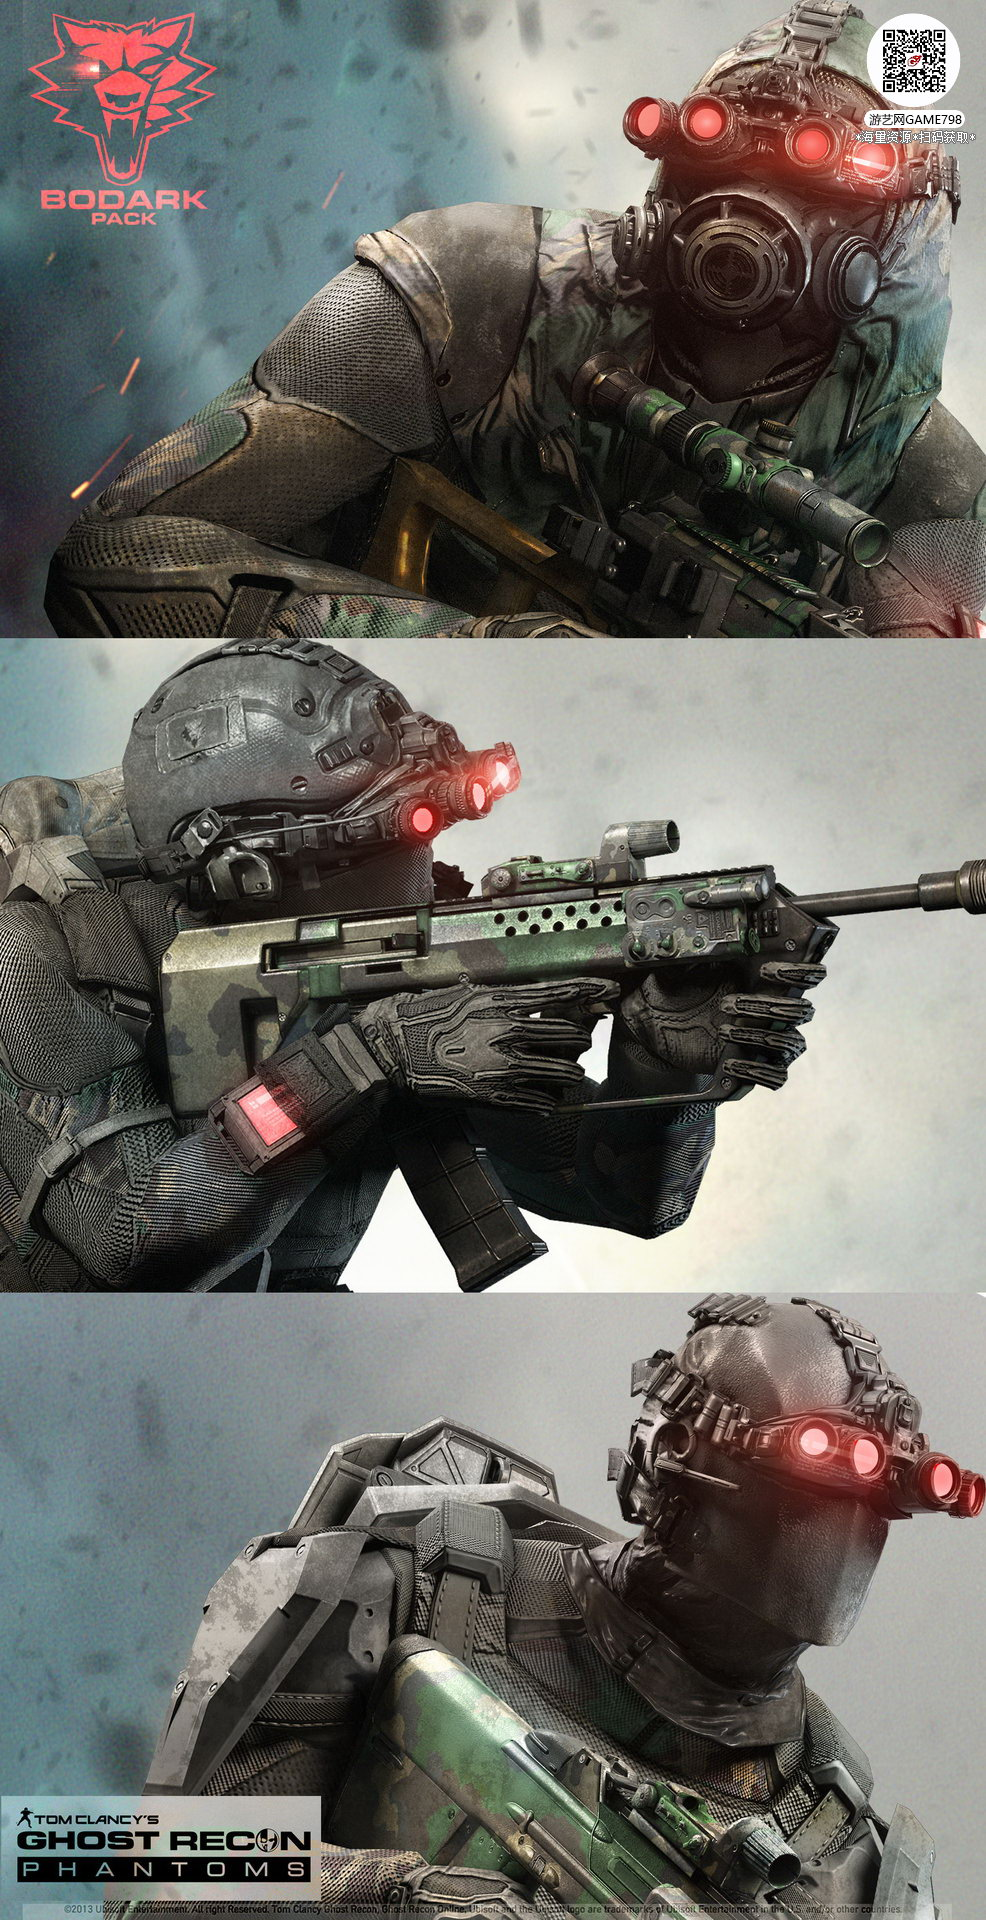 022_关注游艺网公众号获海量资源_幽灵行动未来战士次世代游戏3D模型参考原画概念设定.jpg